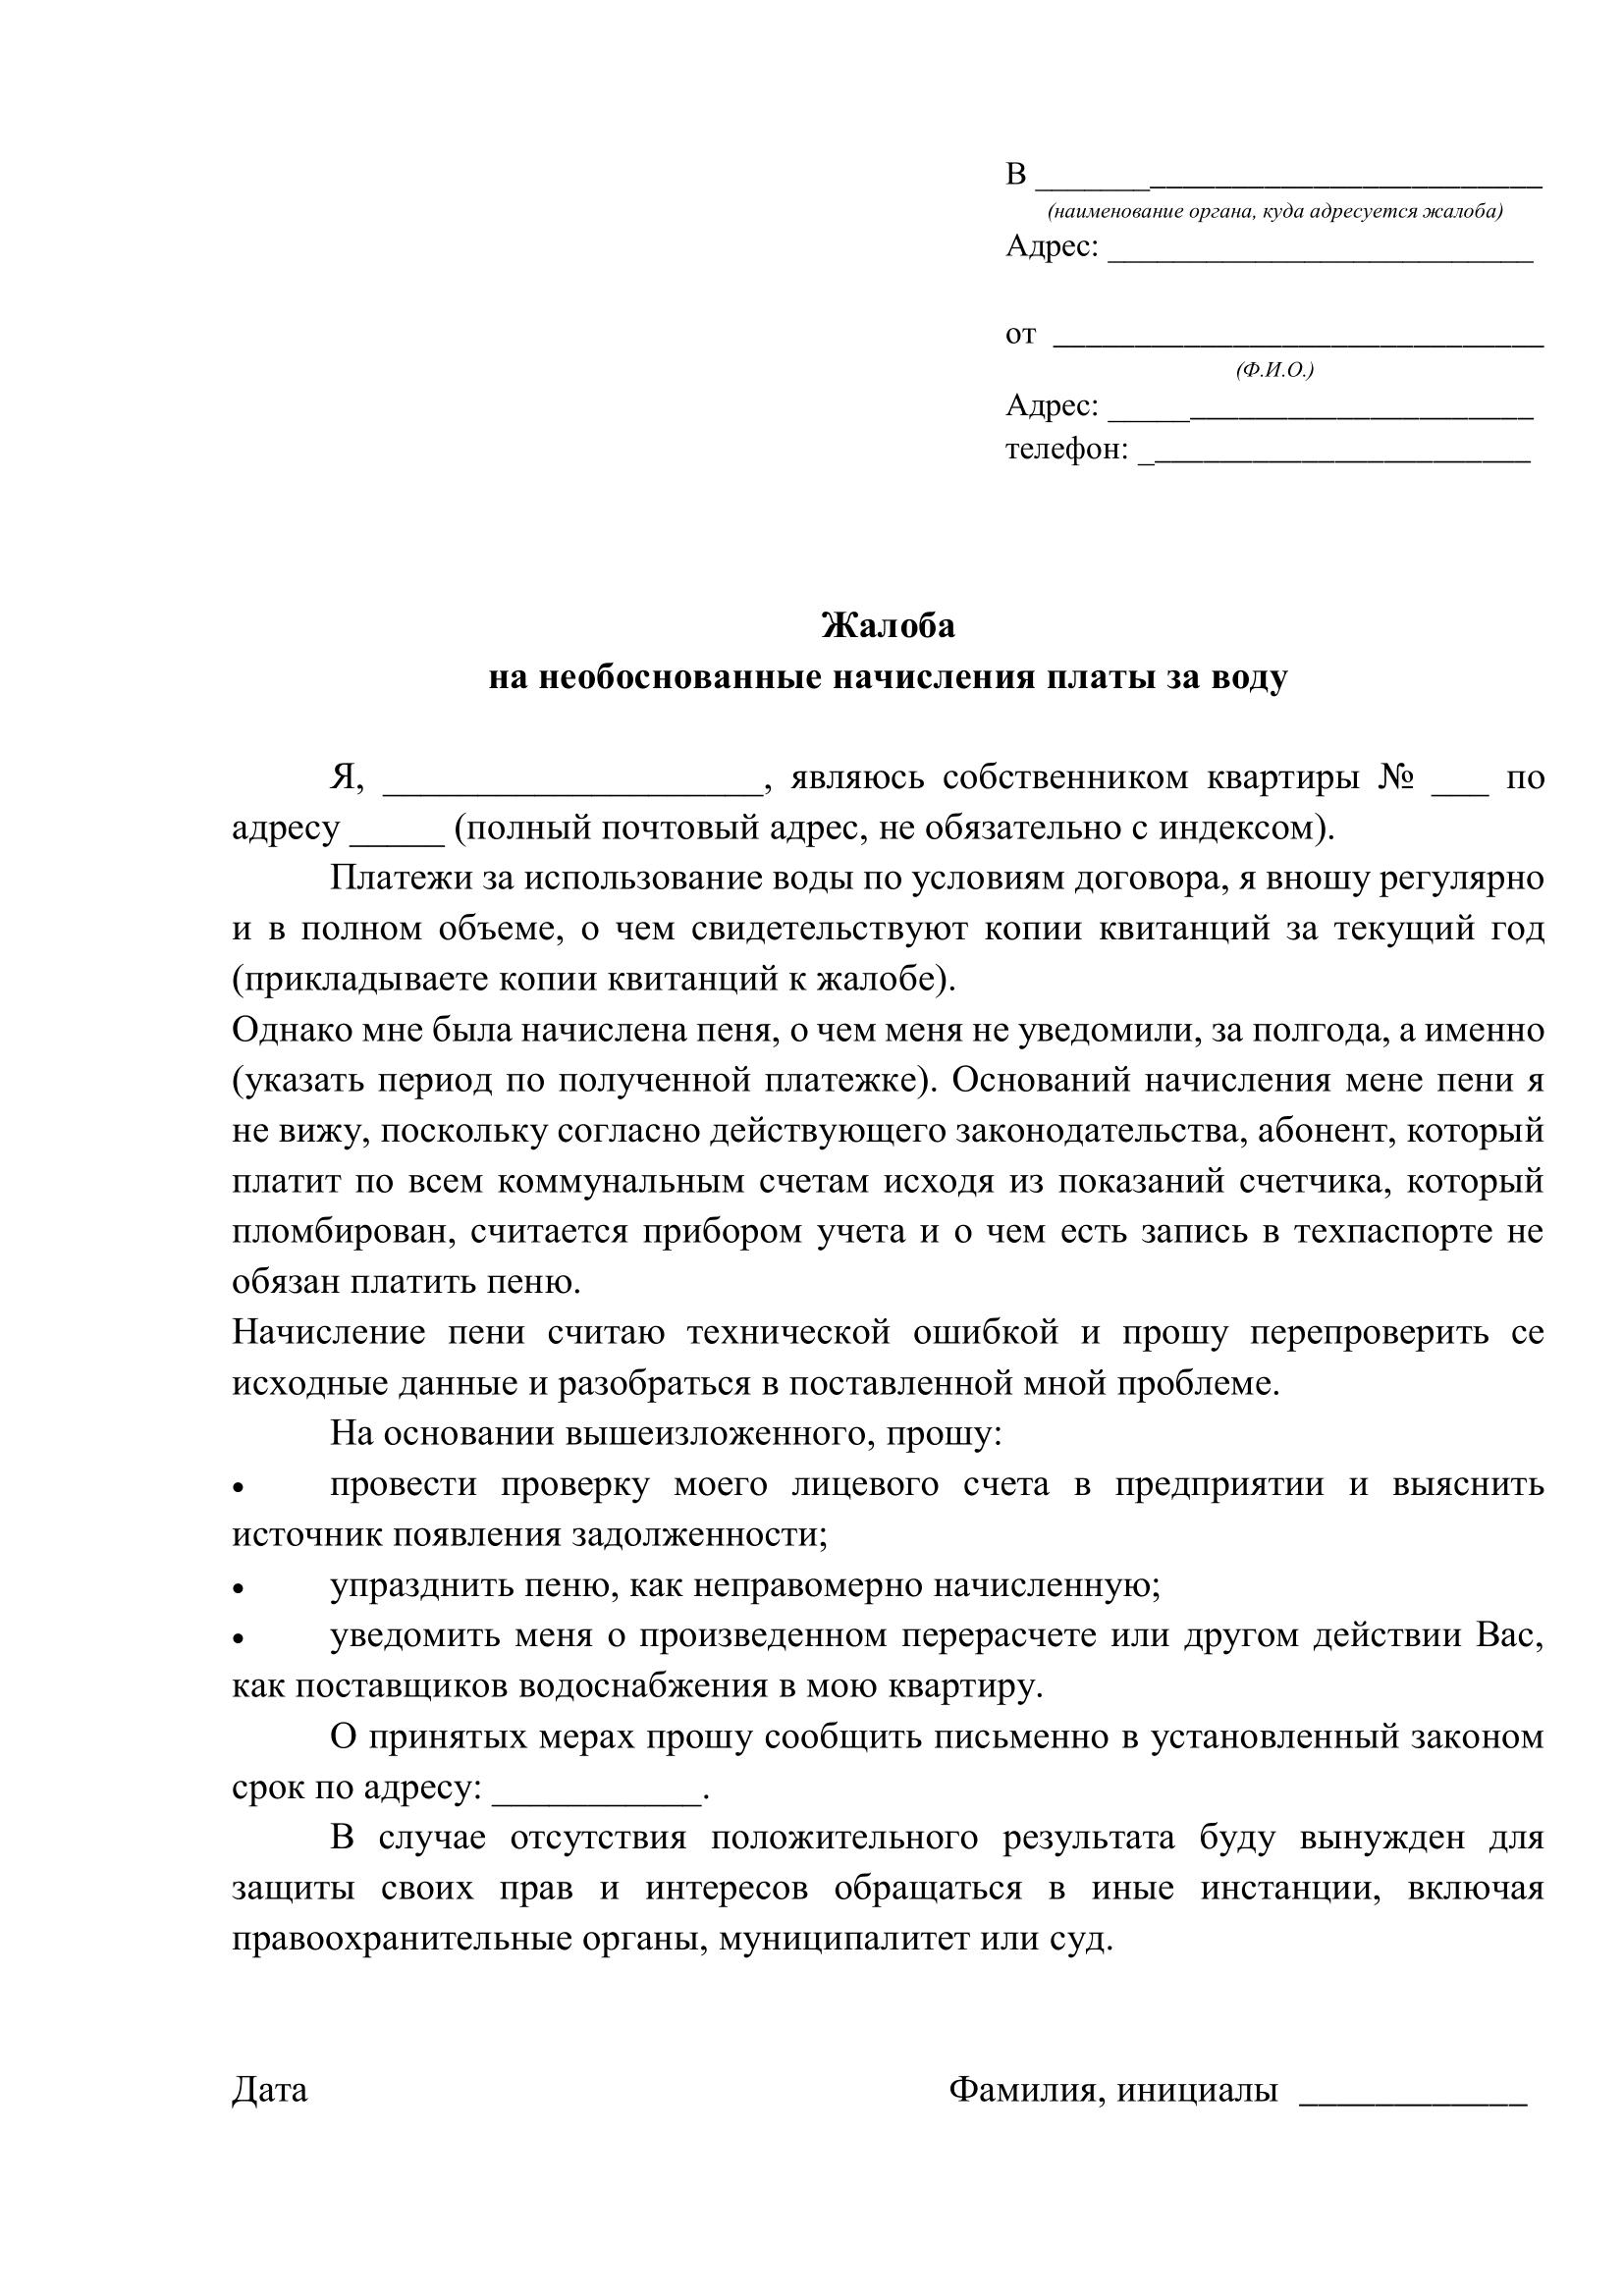 Жалоба на необоснованные начисления платы за воду (водоканал)